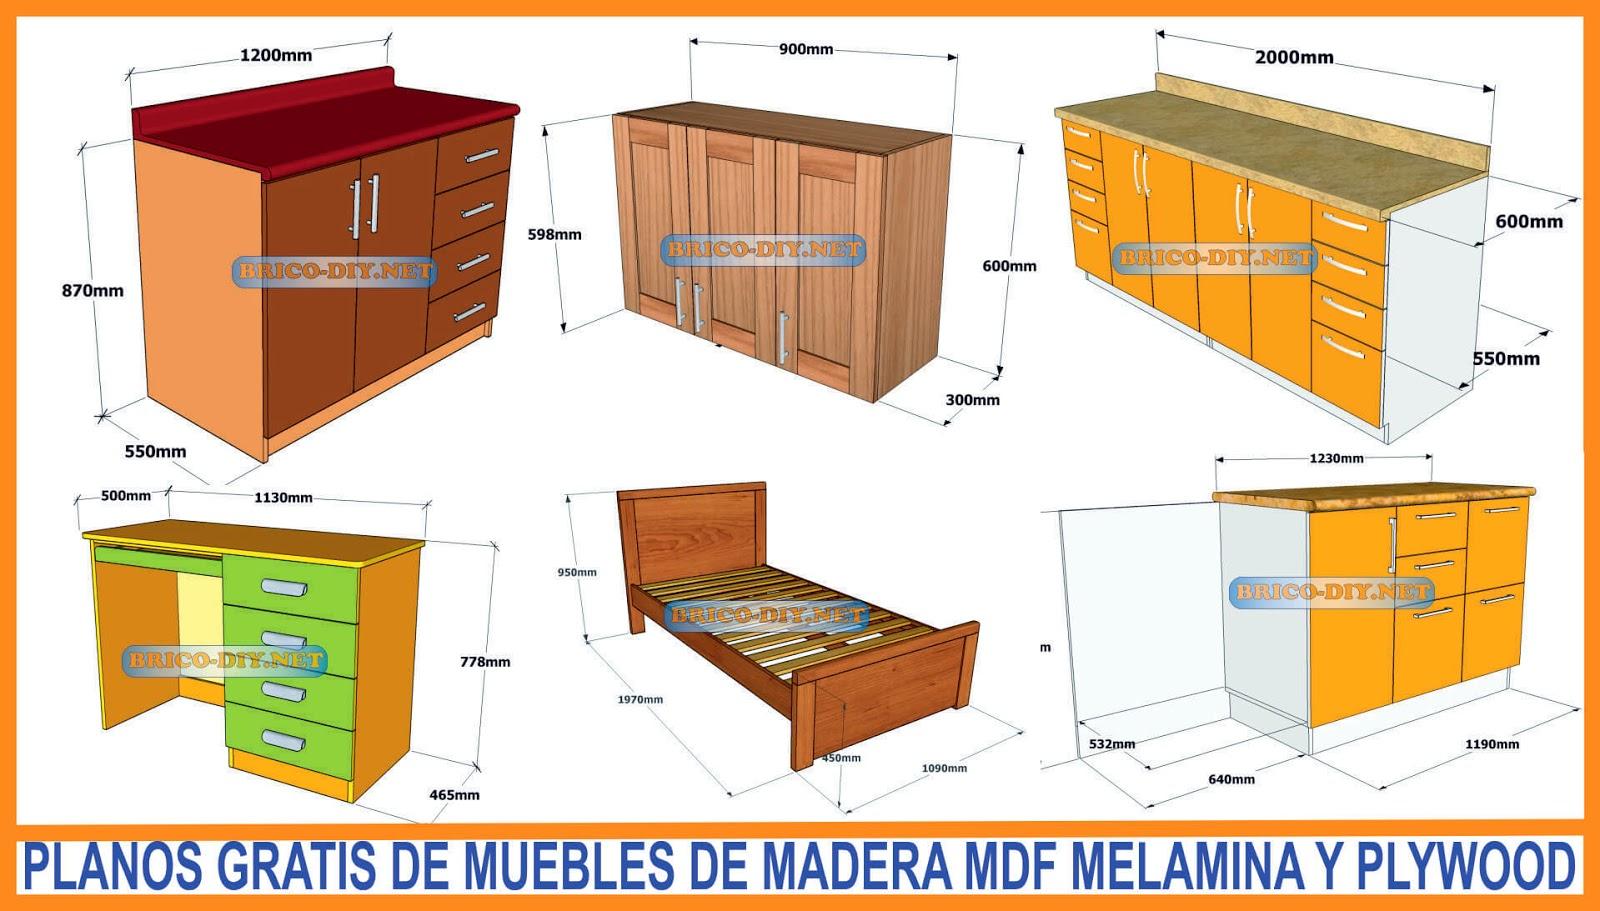 Bricolaje diy planos gratis como hacer muebles de melamina for Planos de cocinas gratis